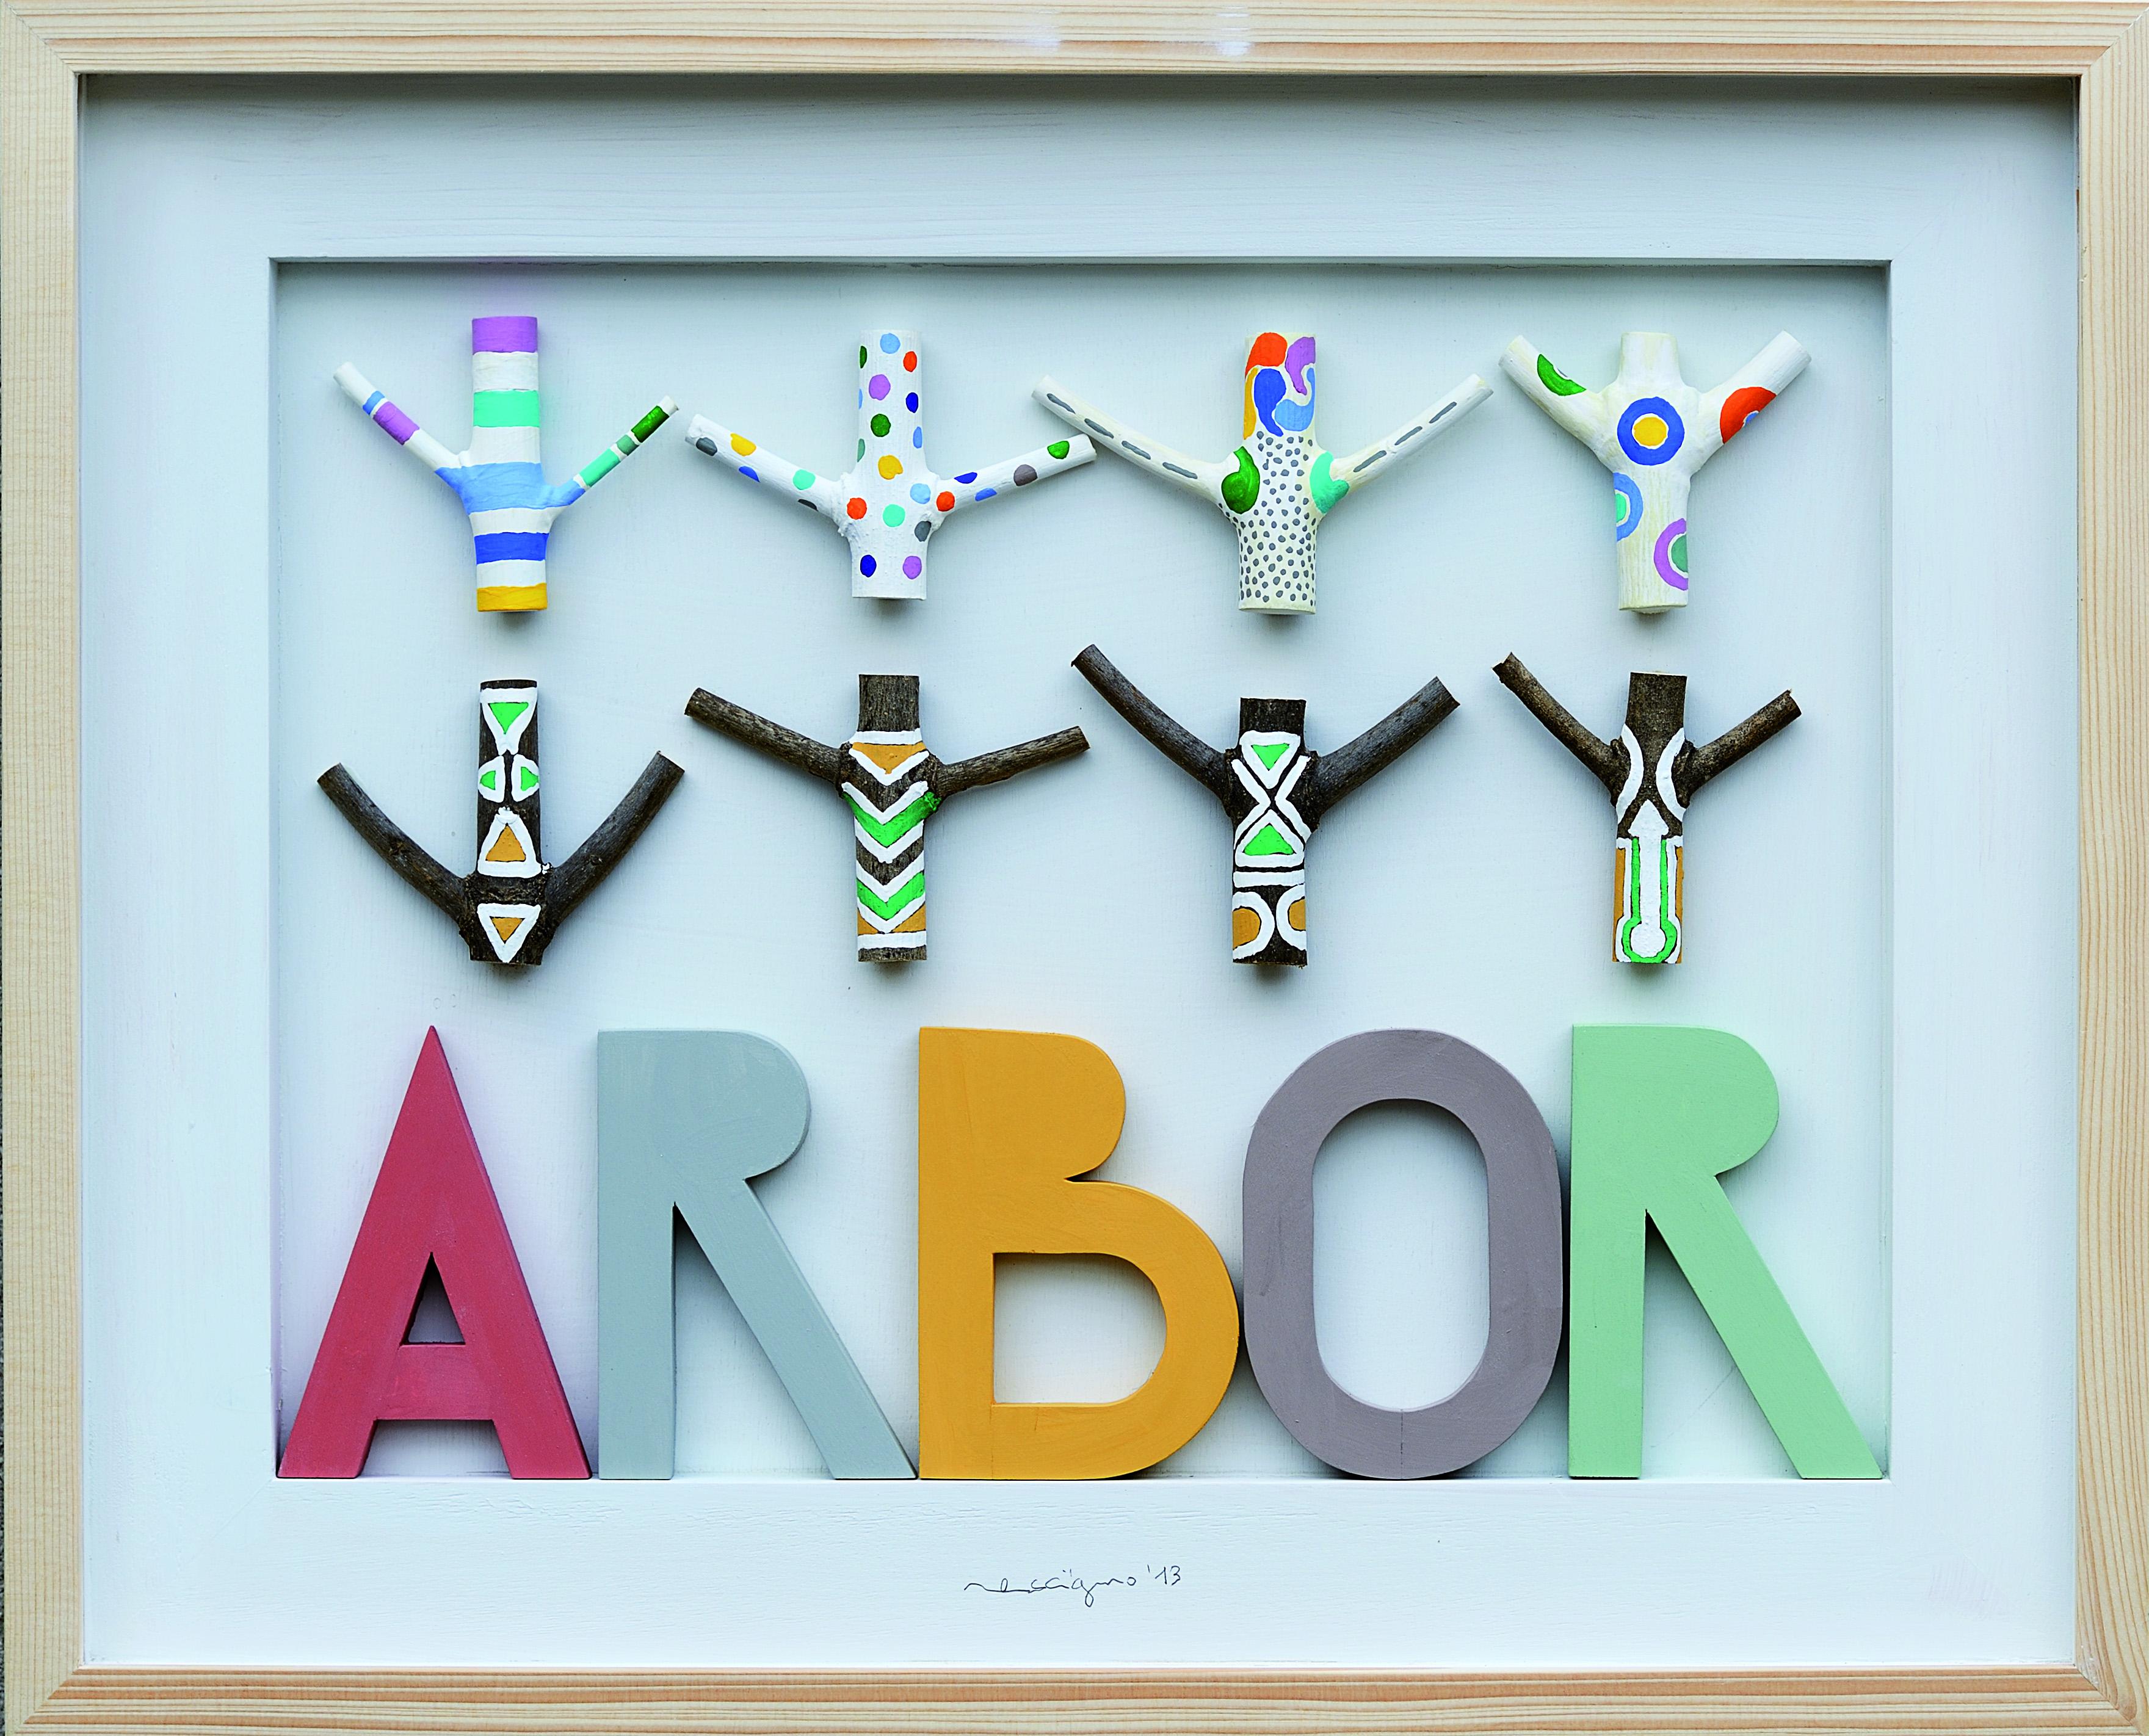 Arbor 0 - 2013